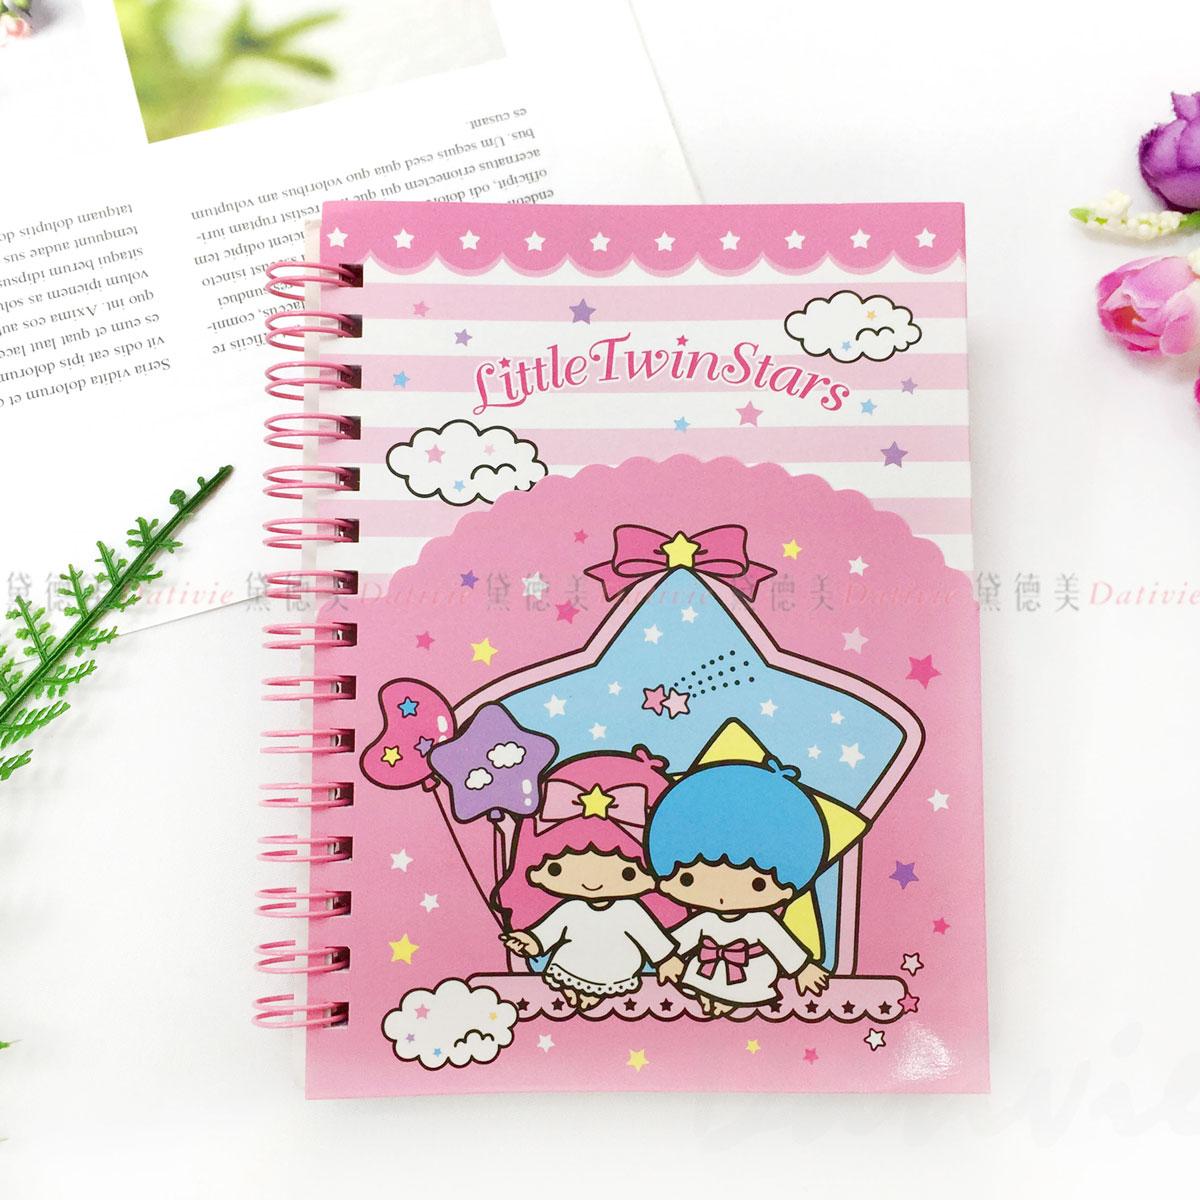 造型夾袋 橫條筆記本-雙子星 Little Twin Stars 三麗鷗 Sanrio 正版授權